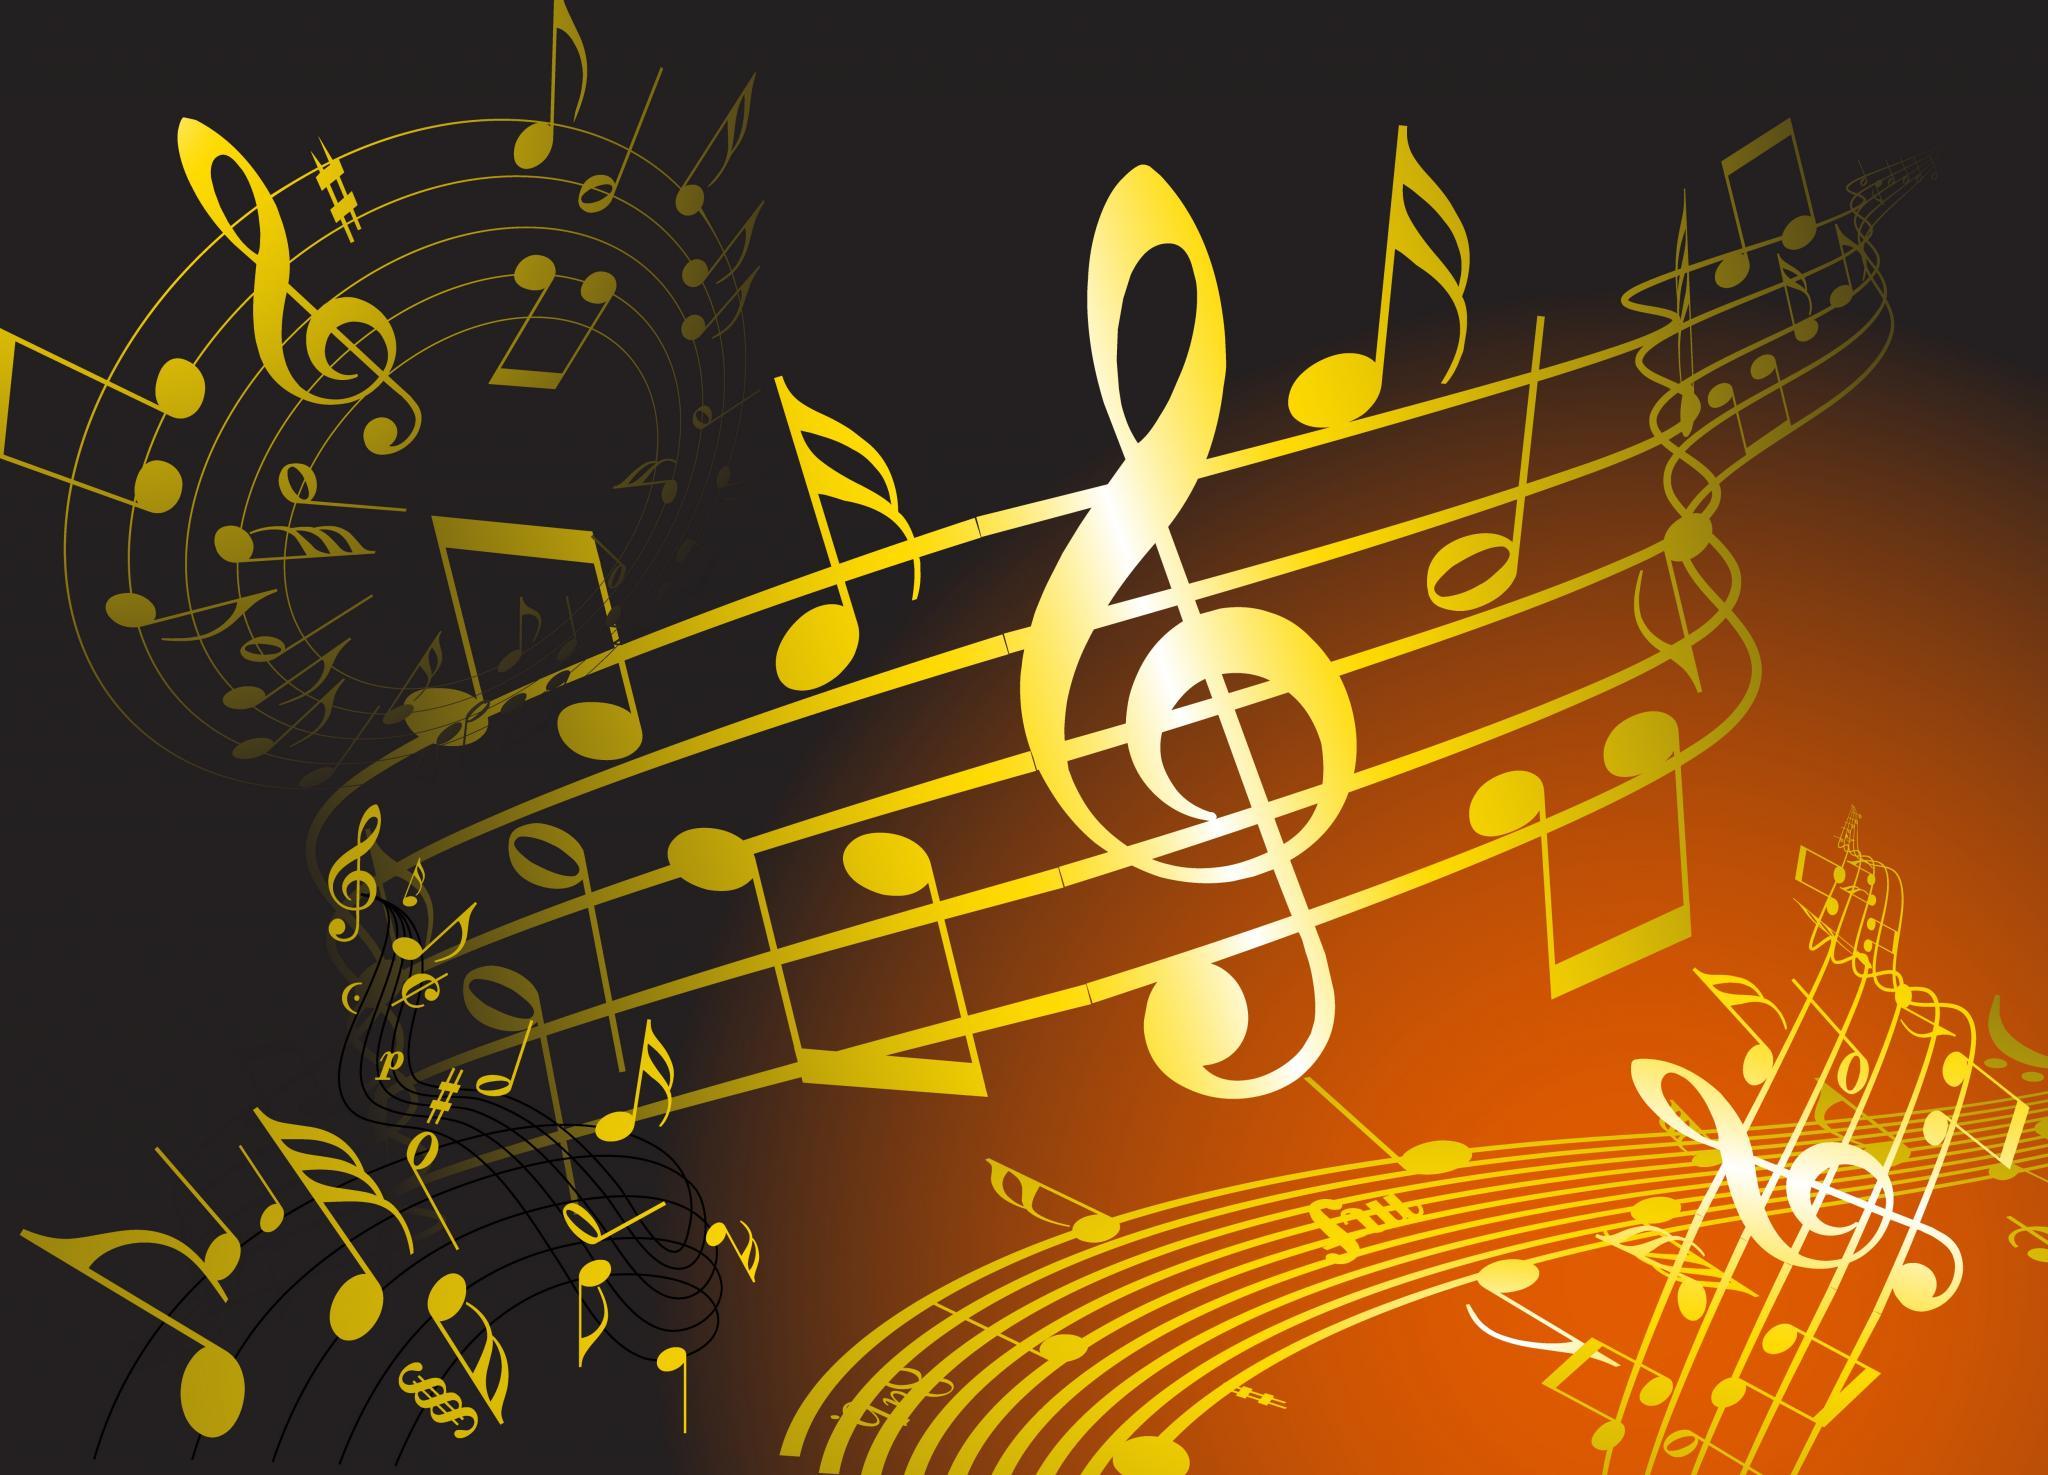 Hình ảnh âm nhạc trang trí